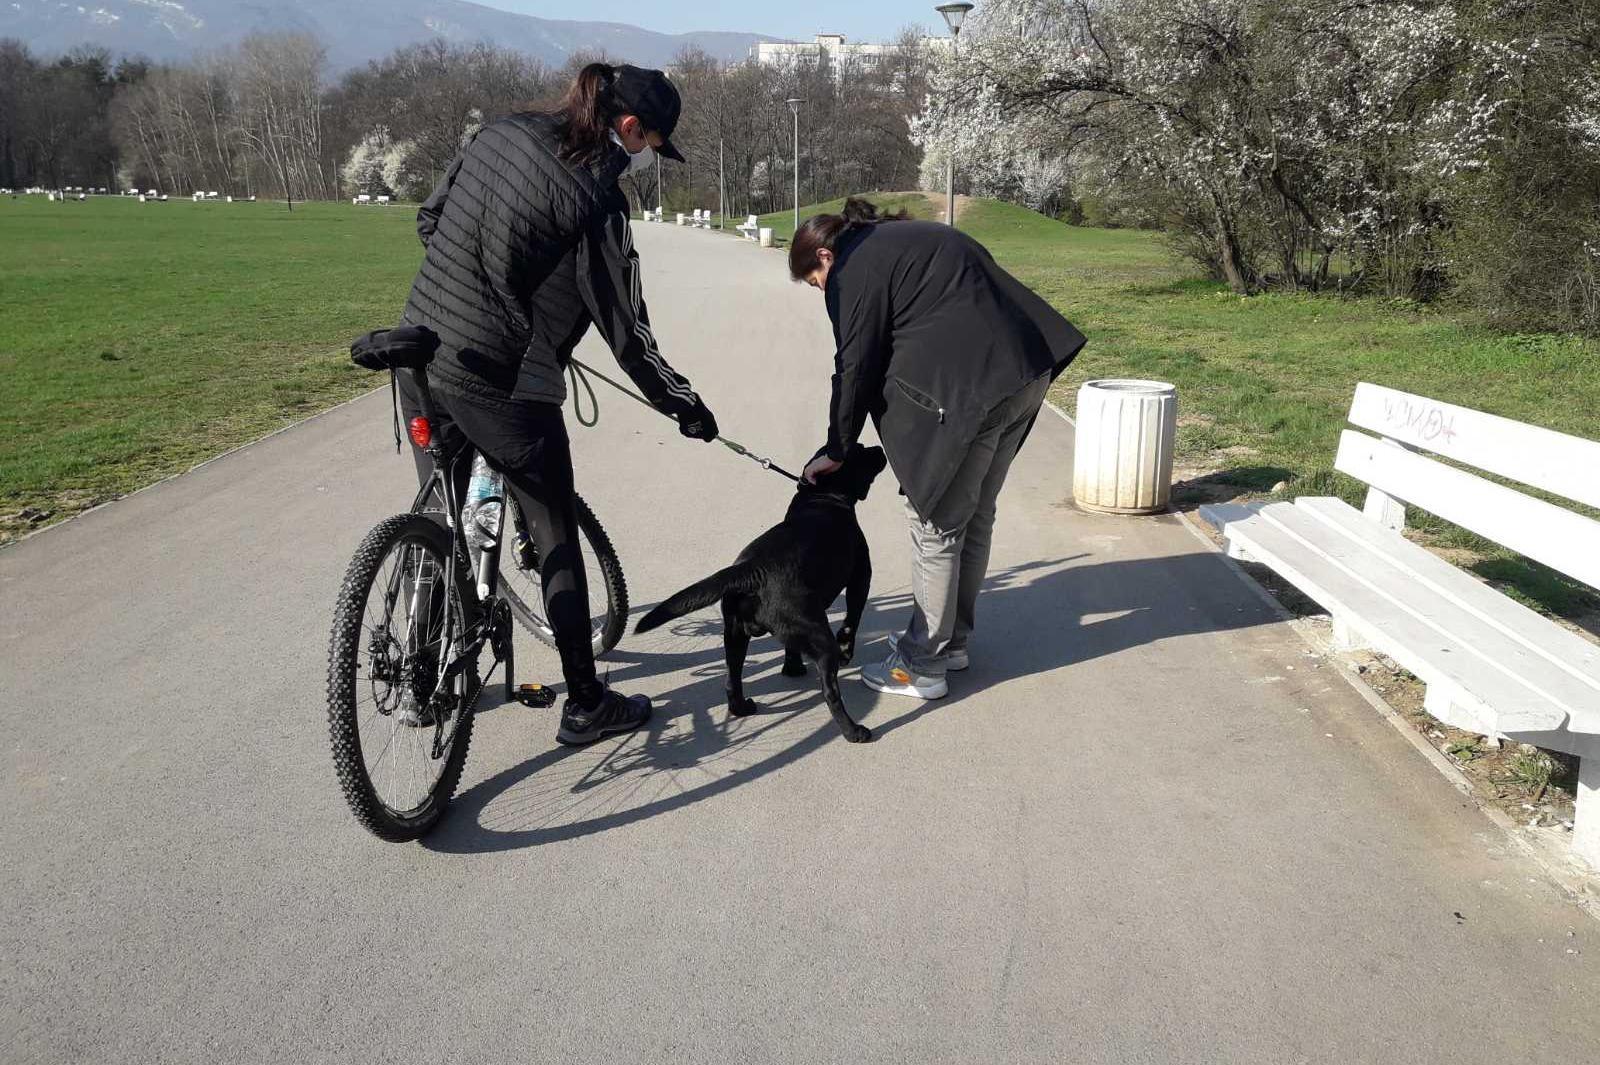 Повече от 700 стопани на кучета проверени след отварянето на парковете в Со